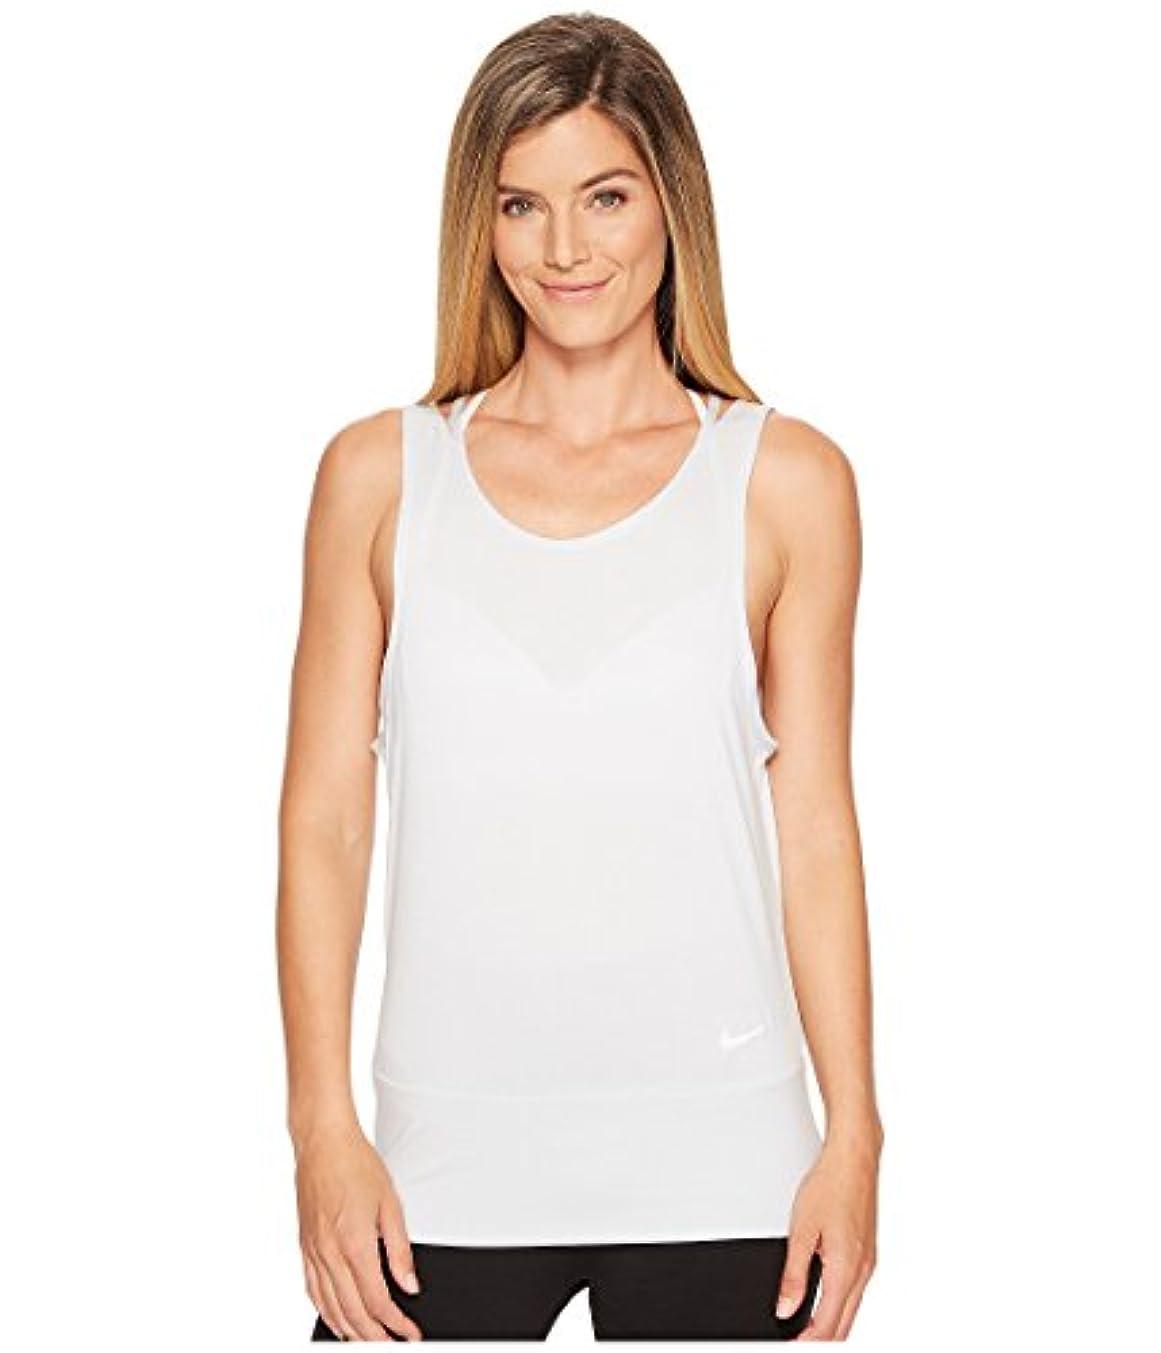 風夢中近々(ナイキ) NIKE レディースタンクトップ?Tシャツ Dry Training Tank Pure Platinum/White/White XS